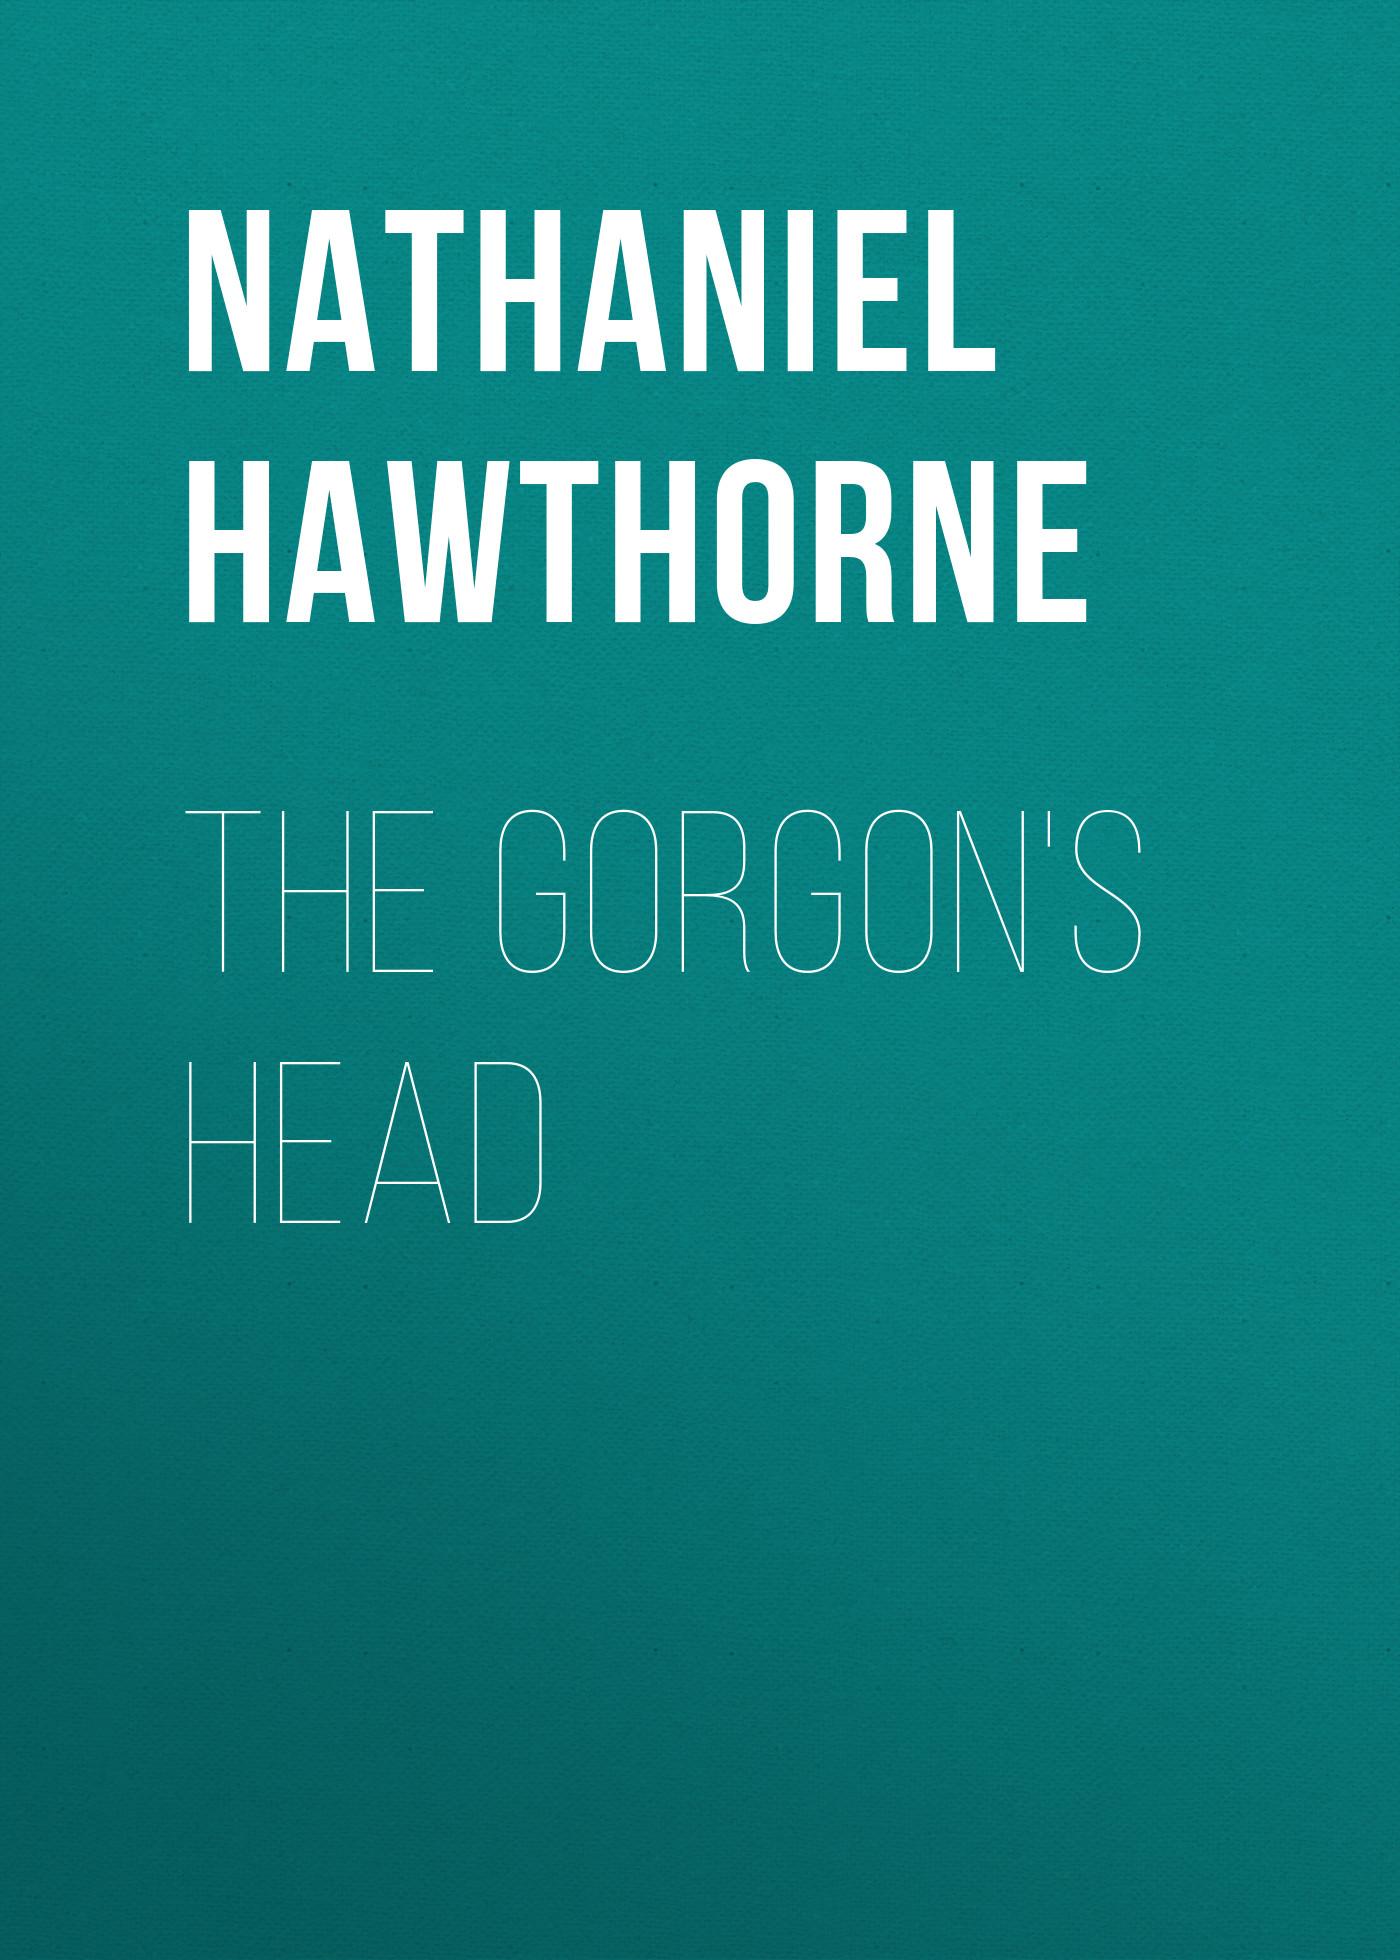 The Gorgon's Head